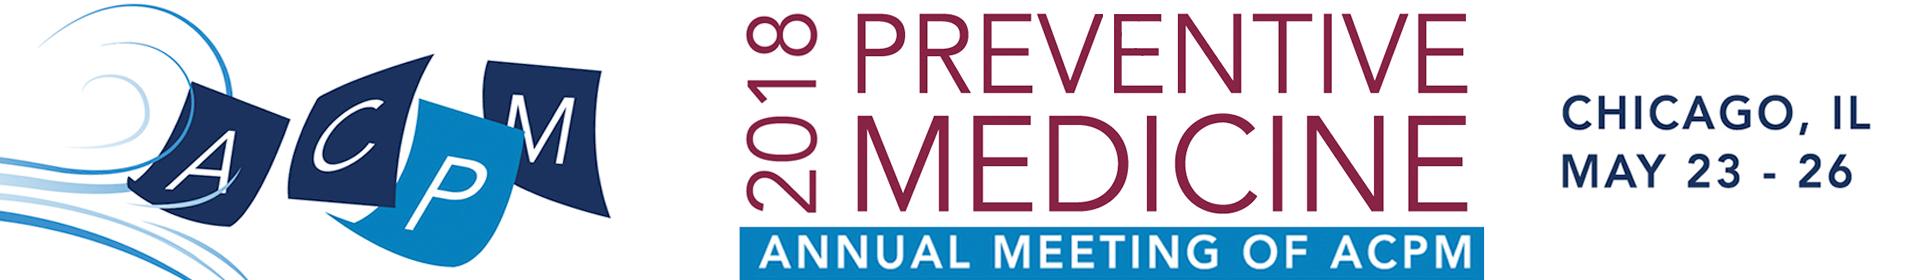 Preventive Medicine 2018